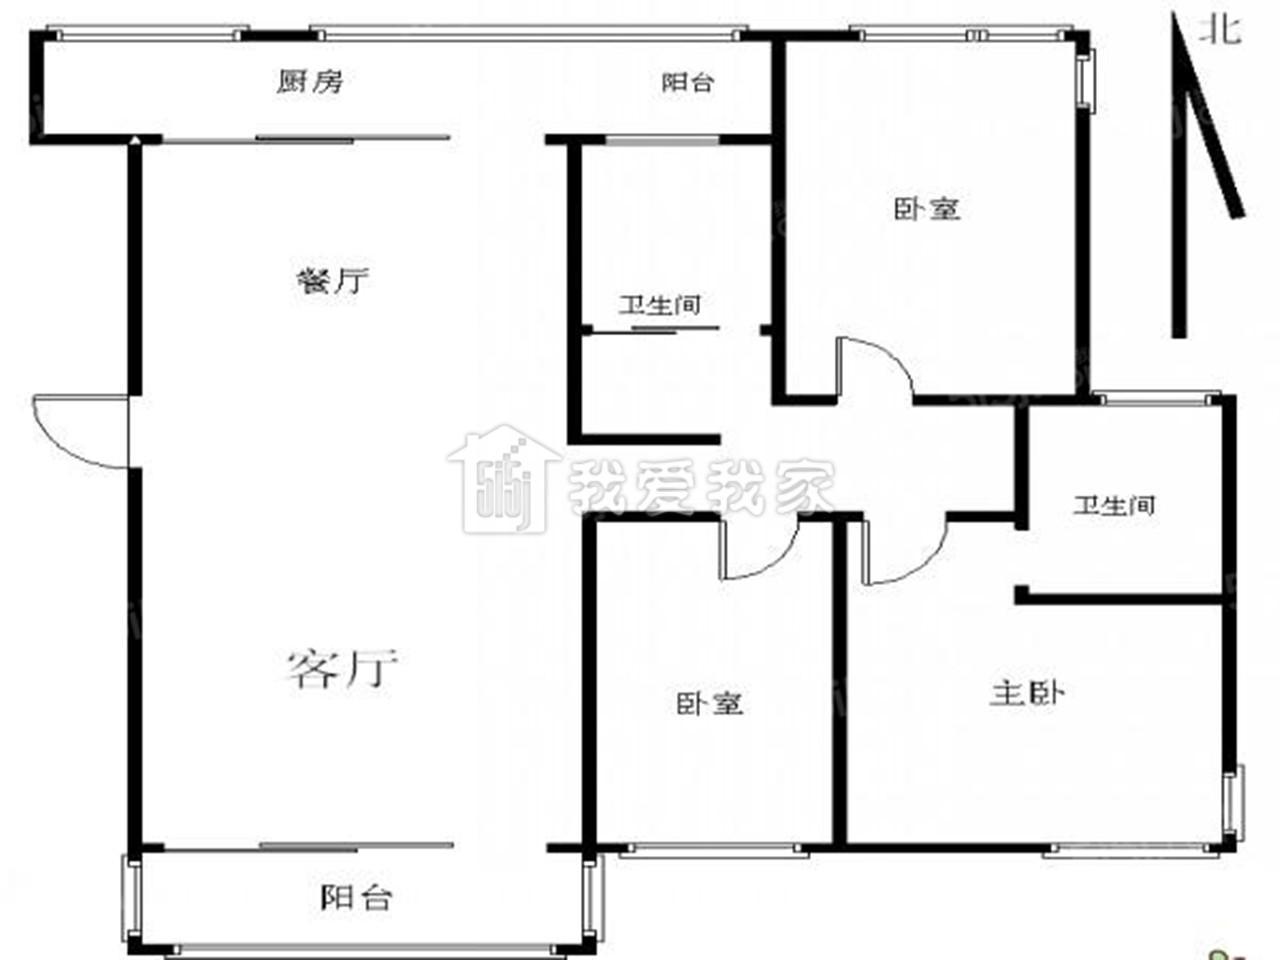 江宁区东山街道亲水湾花园3室2厅户型图